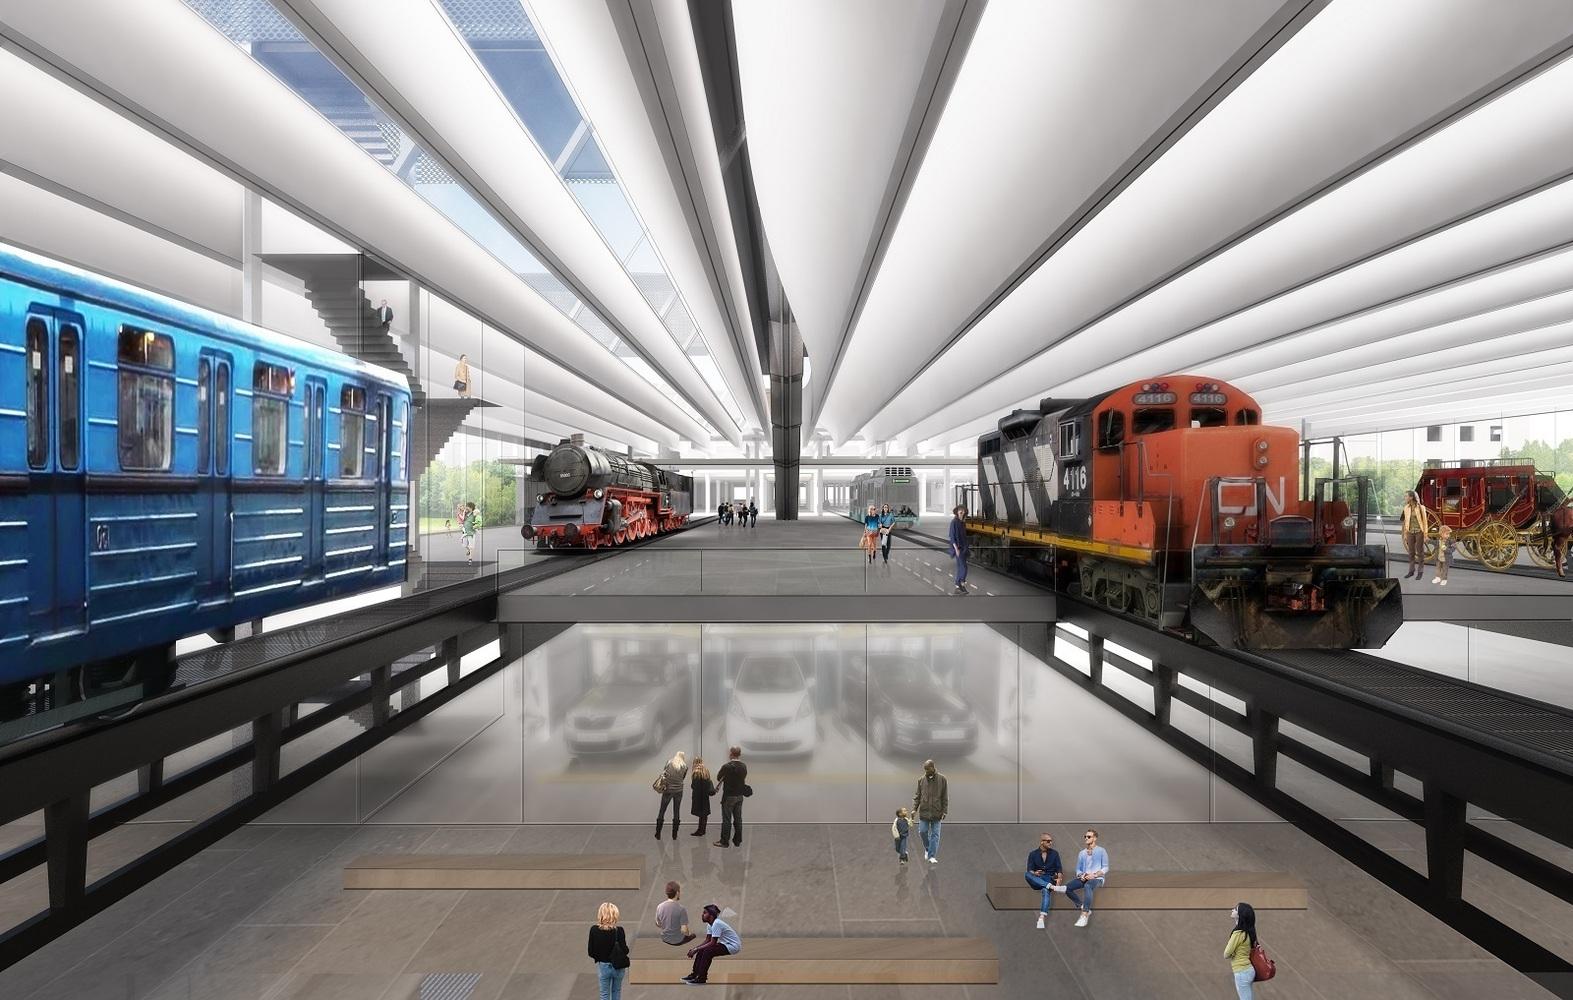 بازنمایی بصری در معماری چگونه به تحول خود ادامه خواهد داد؟